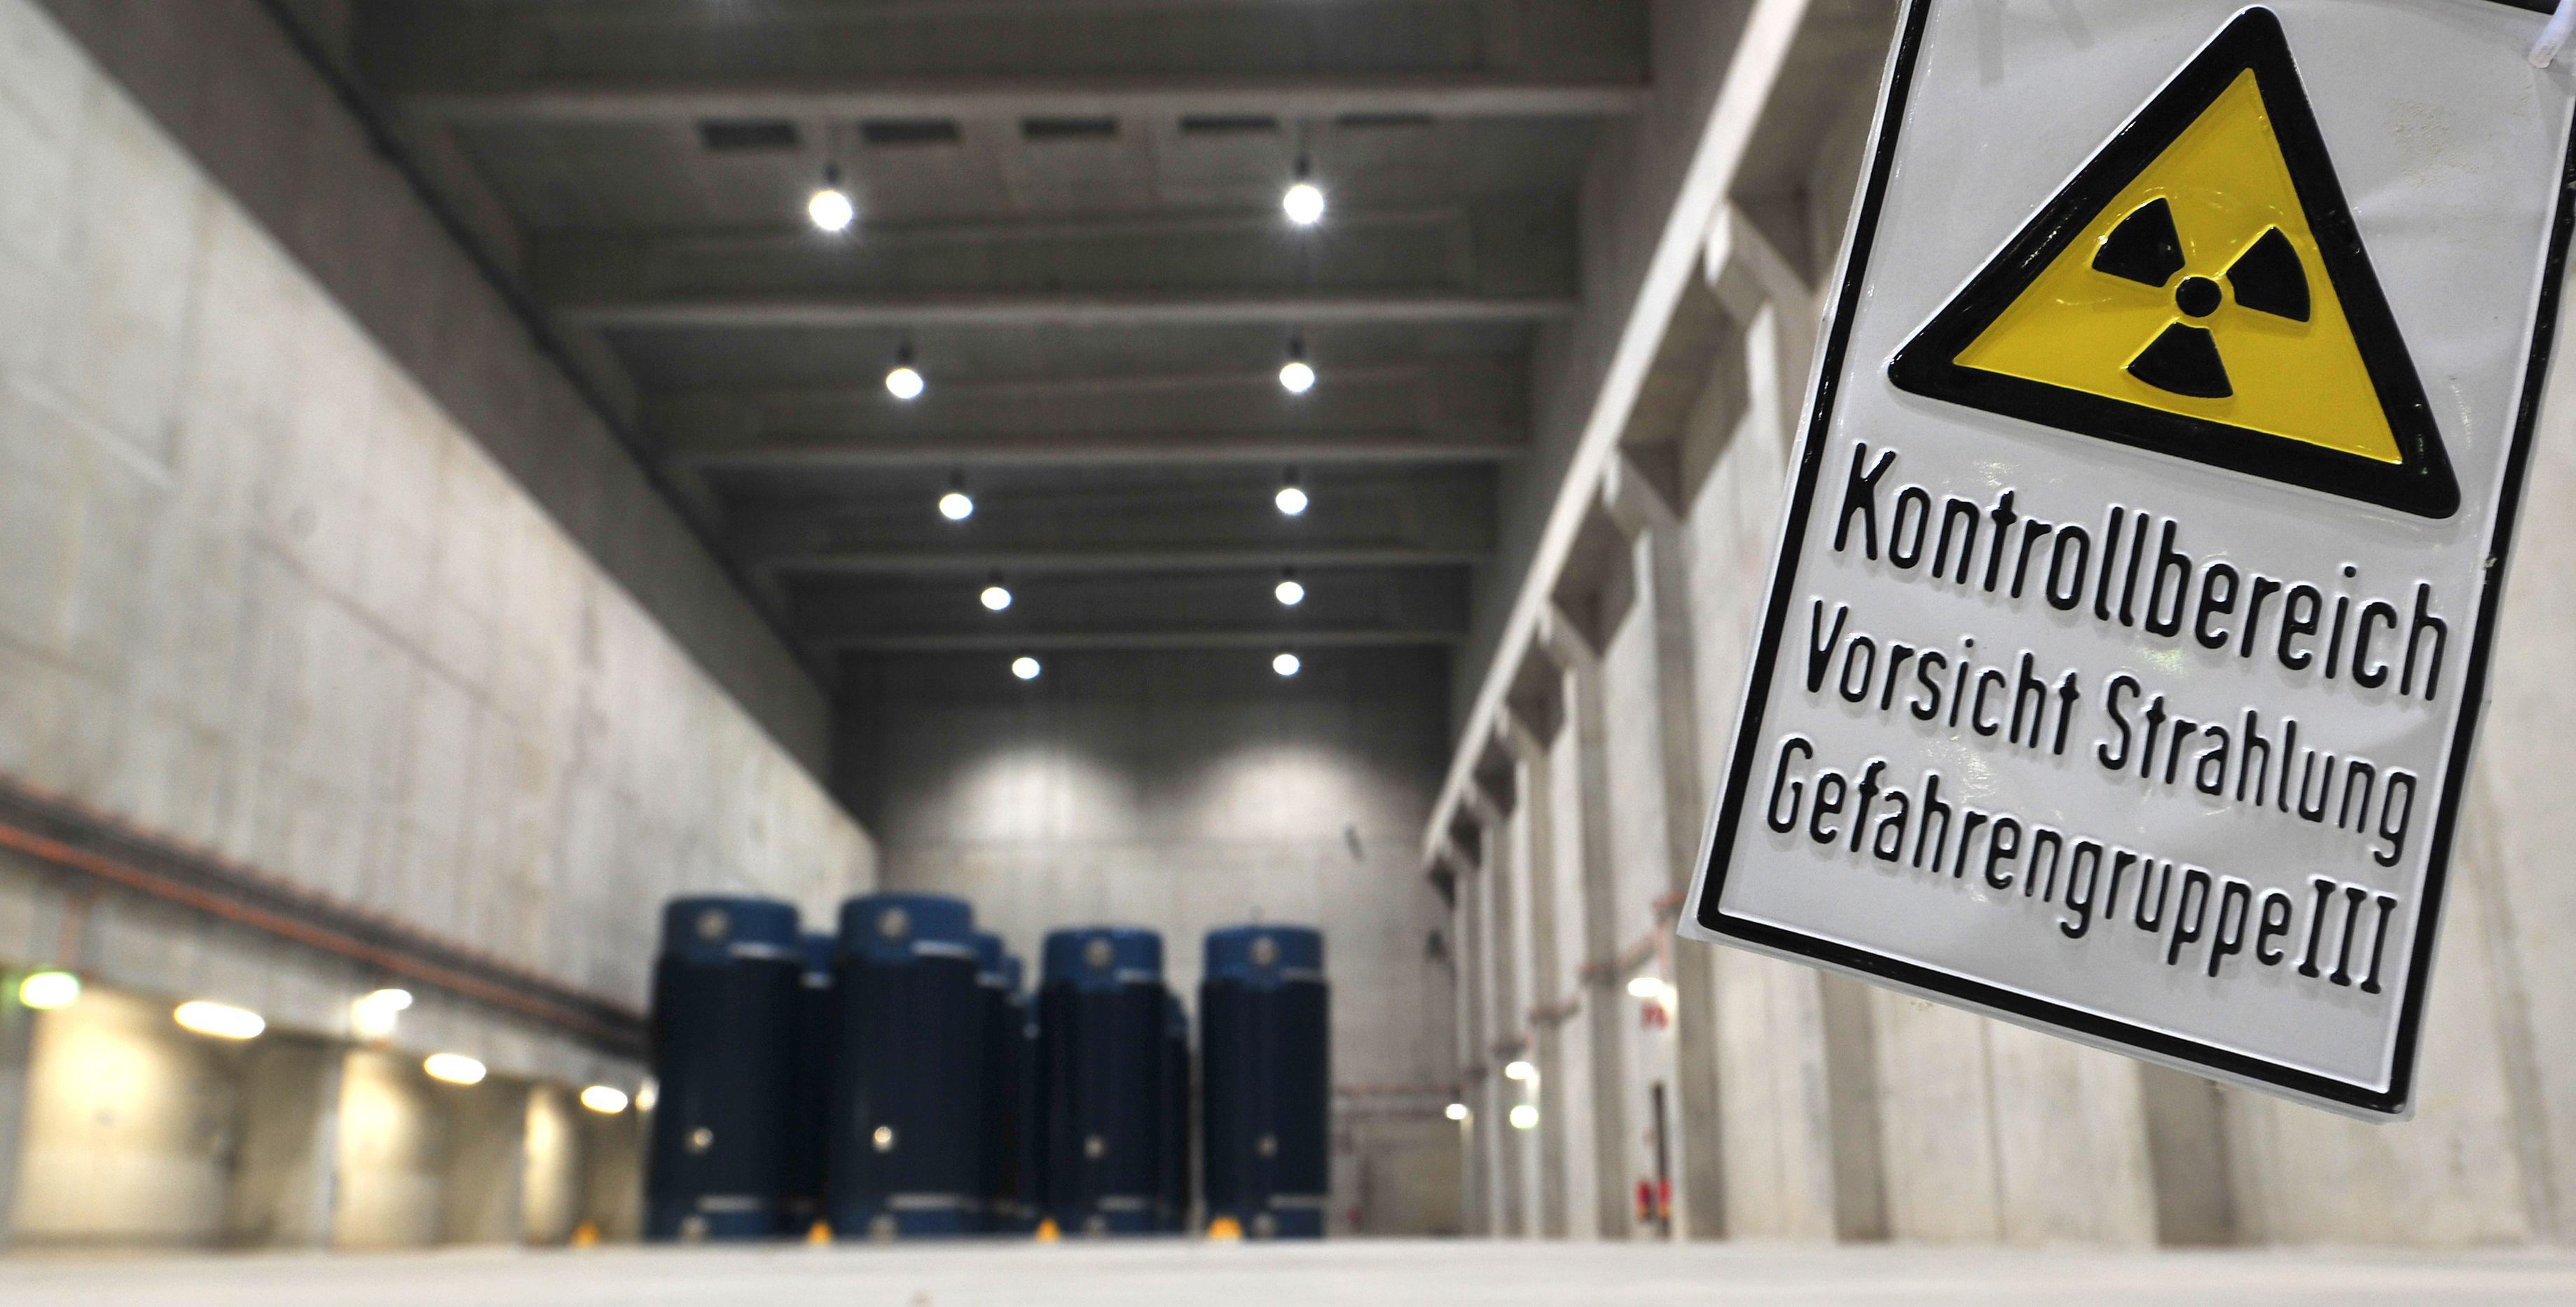 Wohin mit dem hochradioaktiven Abfall? Die Suche nach dem passenden Standort läuft. Foto: dpa/Puchner